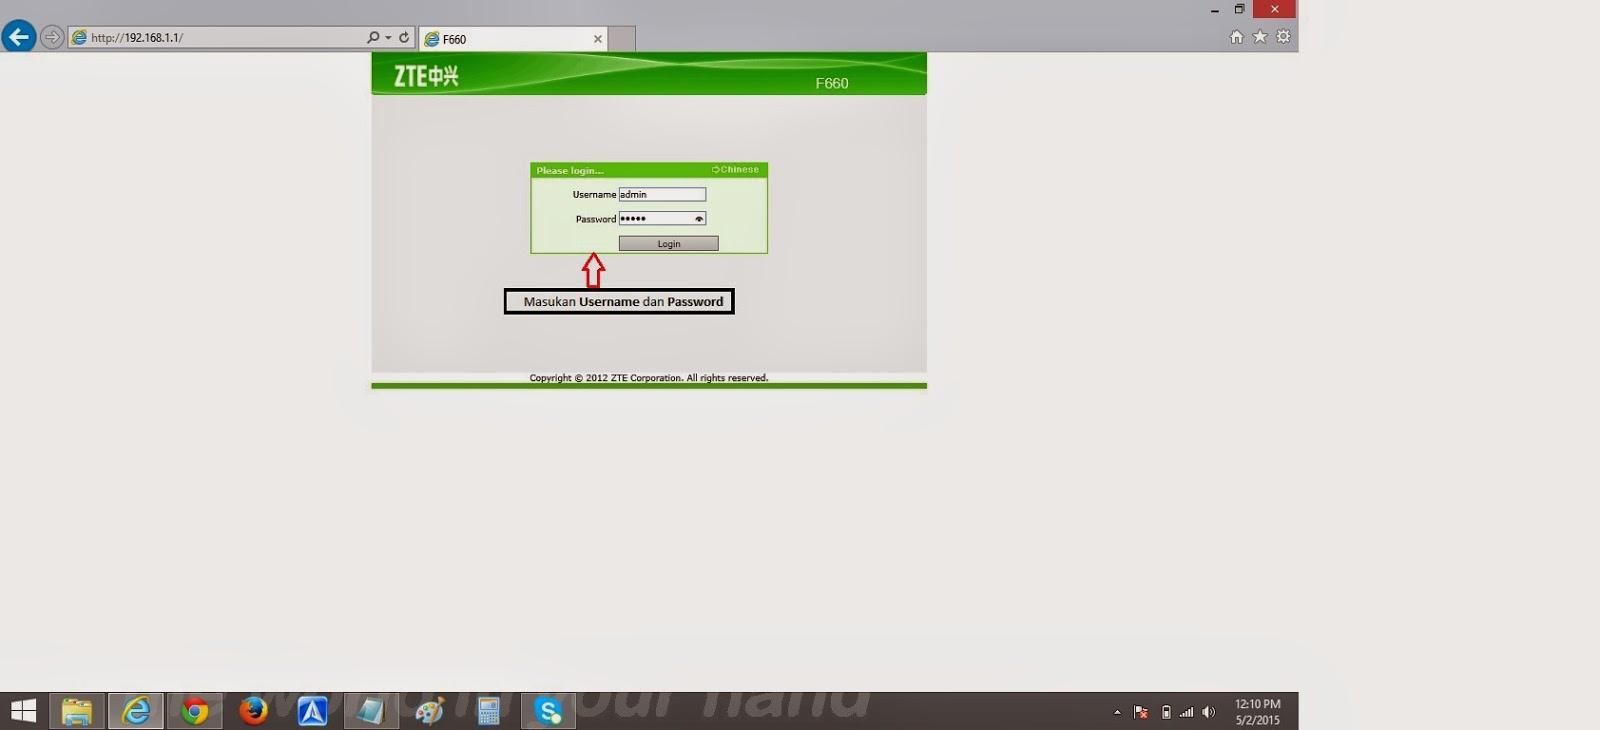 IchsanX: Cara mengganti Username dan password default dari